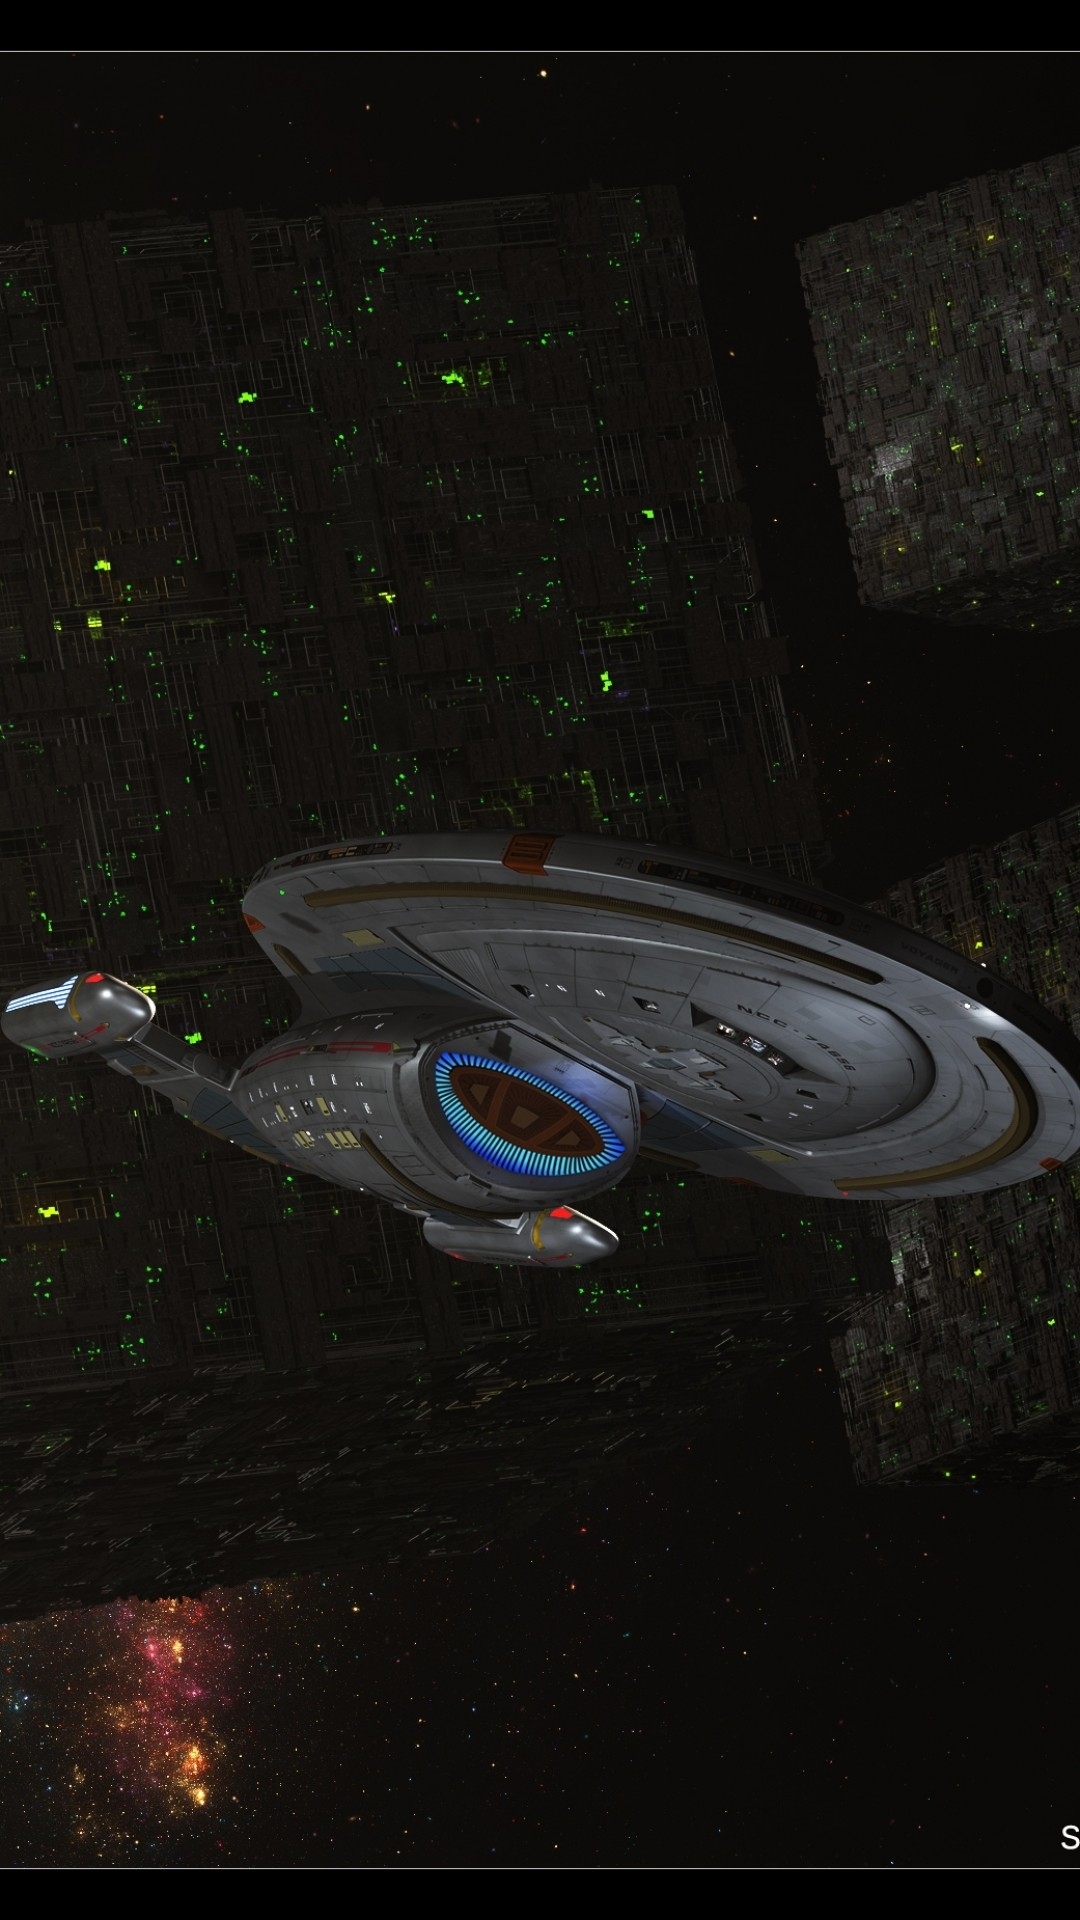 Star Trek Cell Phone Wallpaper 69 Images